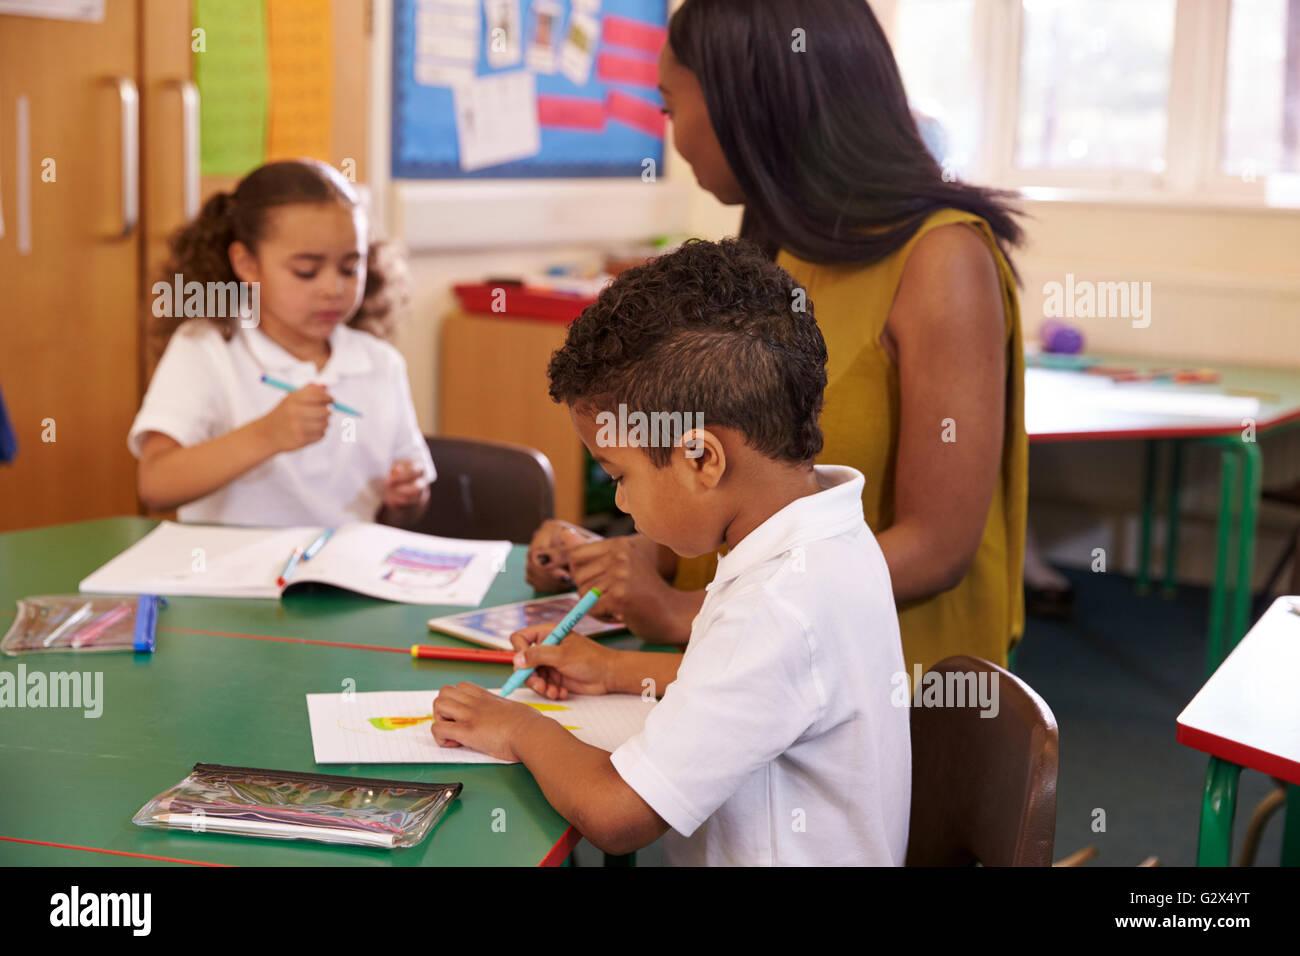 Weibliche Grundschullehrerin helfen Schülern am Schreibtisch Stockfoto